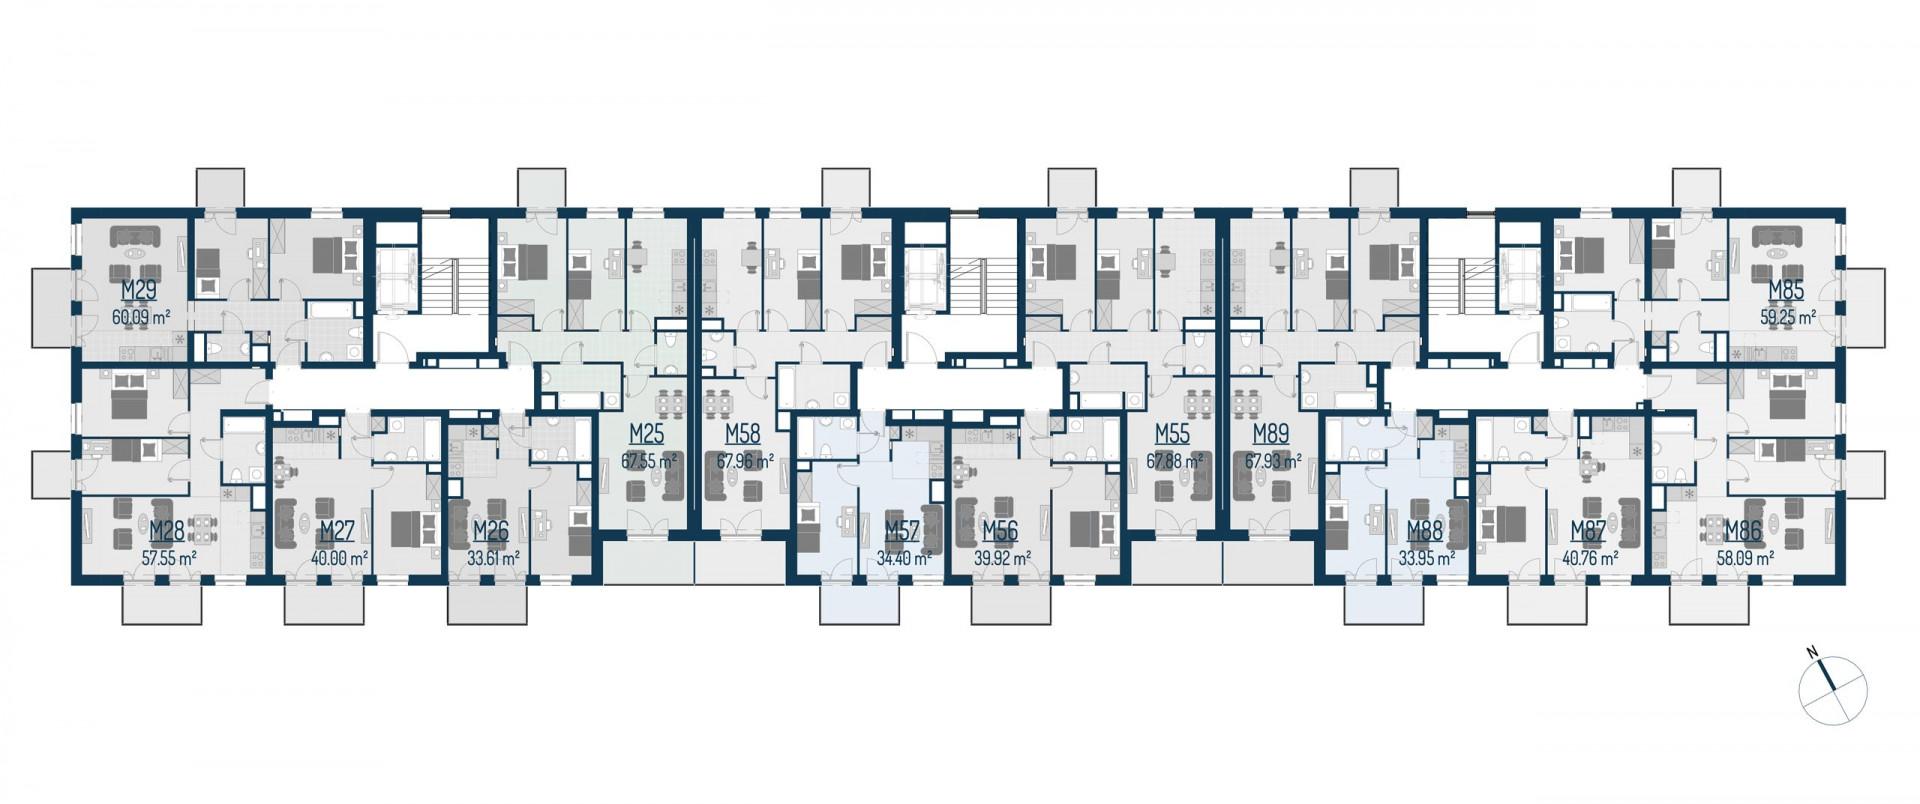 Zdrowe Stylove / budynek 1 / mieszkanie nr M89 rzut 2